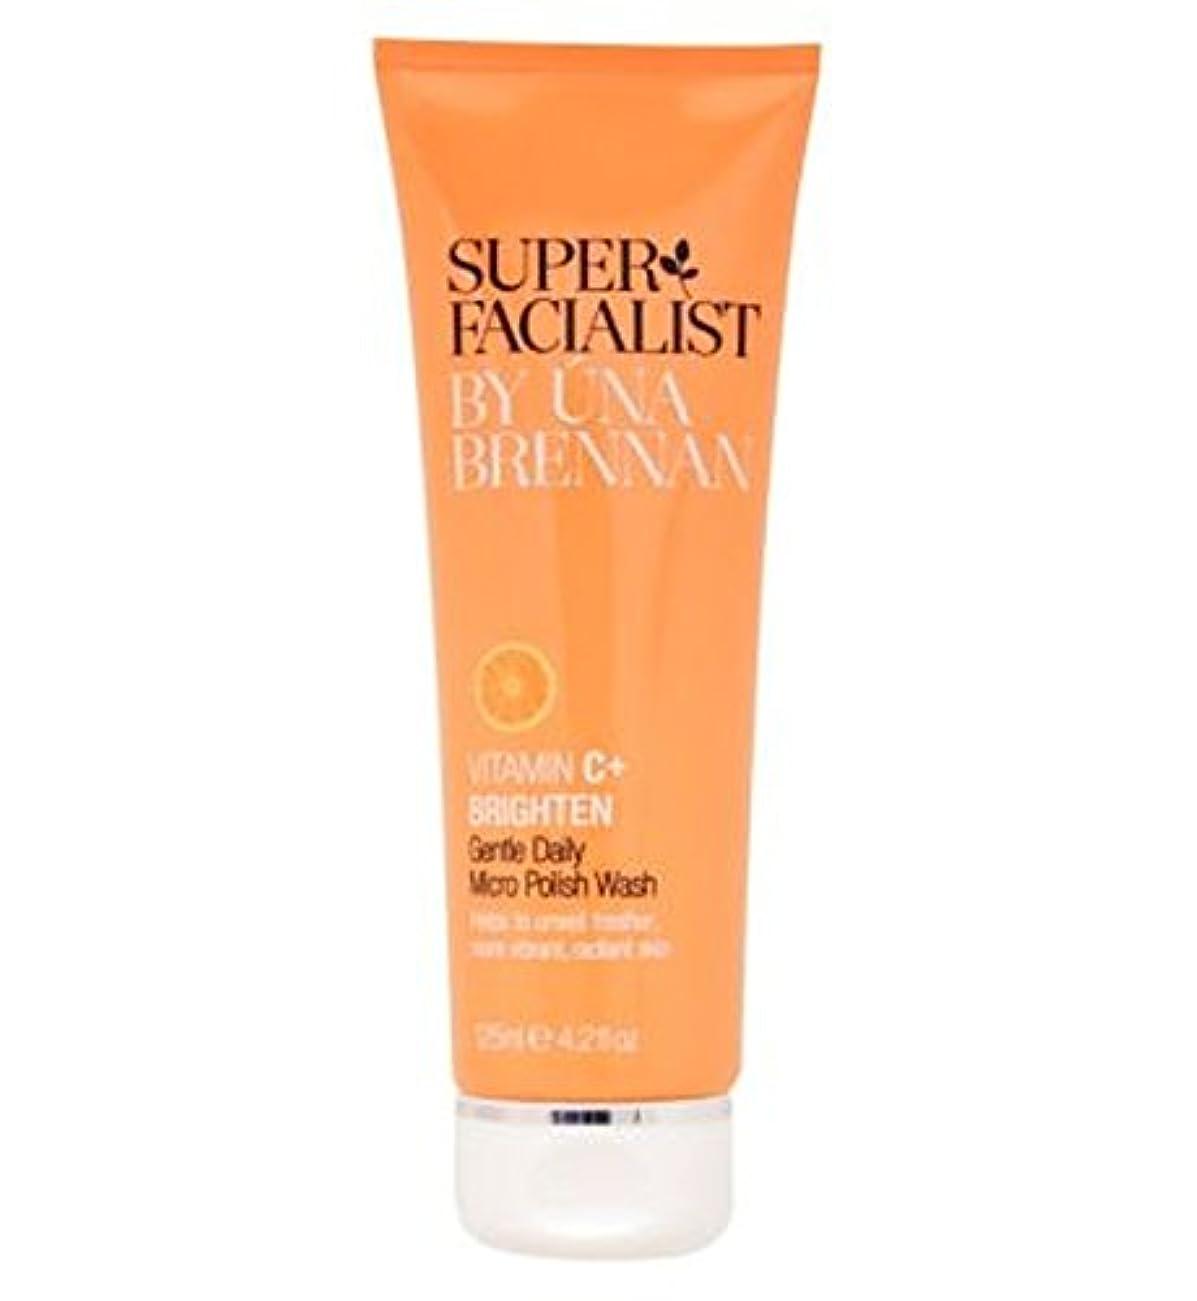 ジョブセラー時間Superfacialist Vitamin C+ Gentle Daily Micro Polish Wash 125ml - SuperfacialistビタミンC +穏やかな毎日マイクロポリッシュ洗浄125ミリリットル...